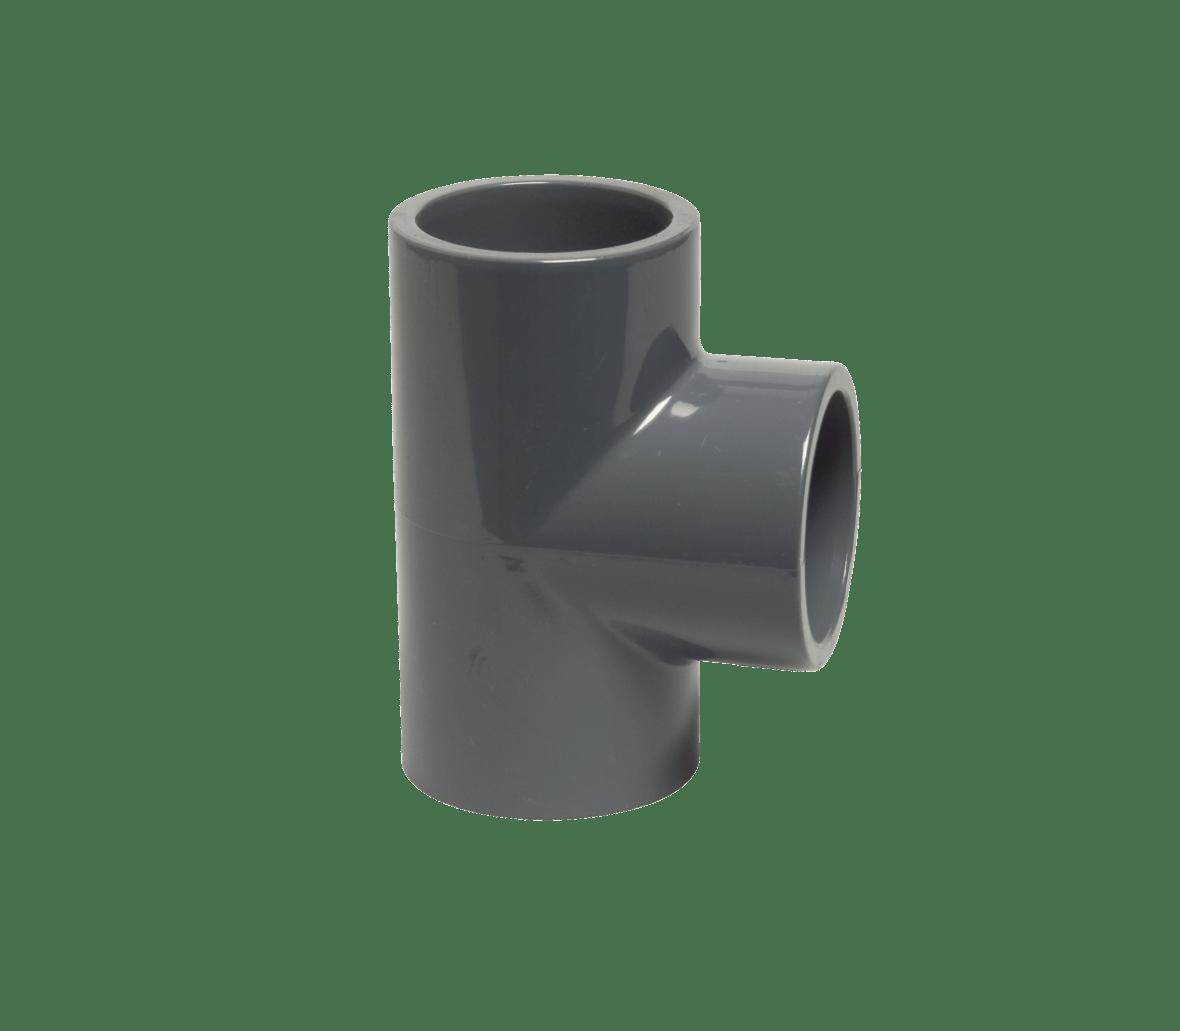 PVC 90° T-piece - ø63